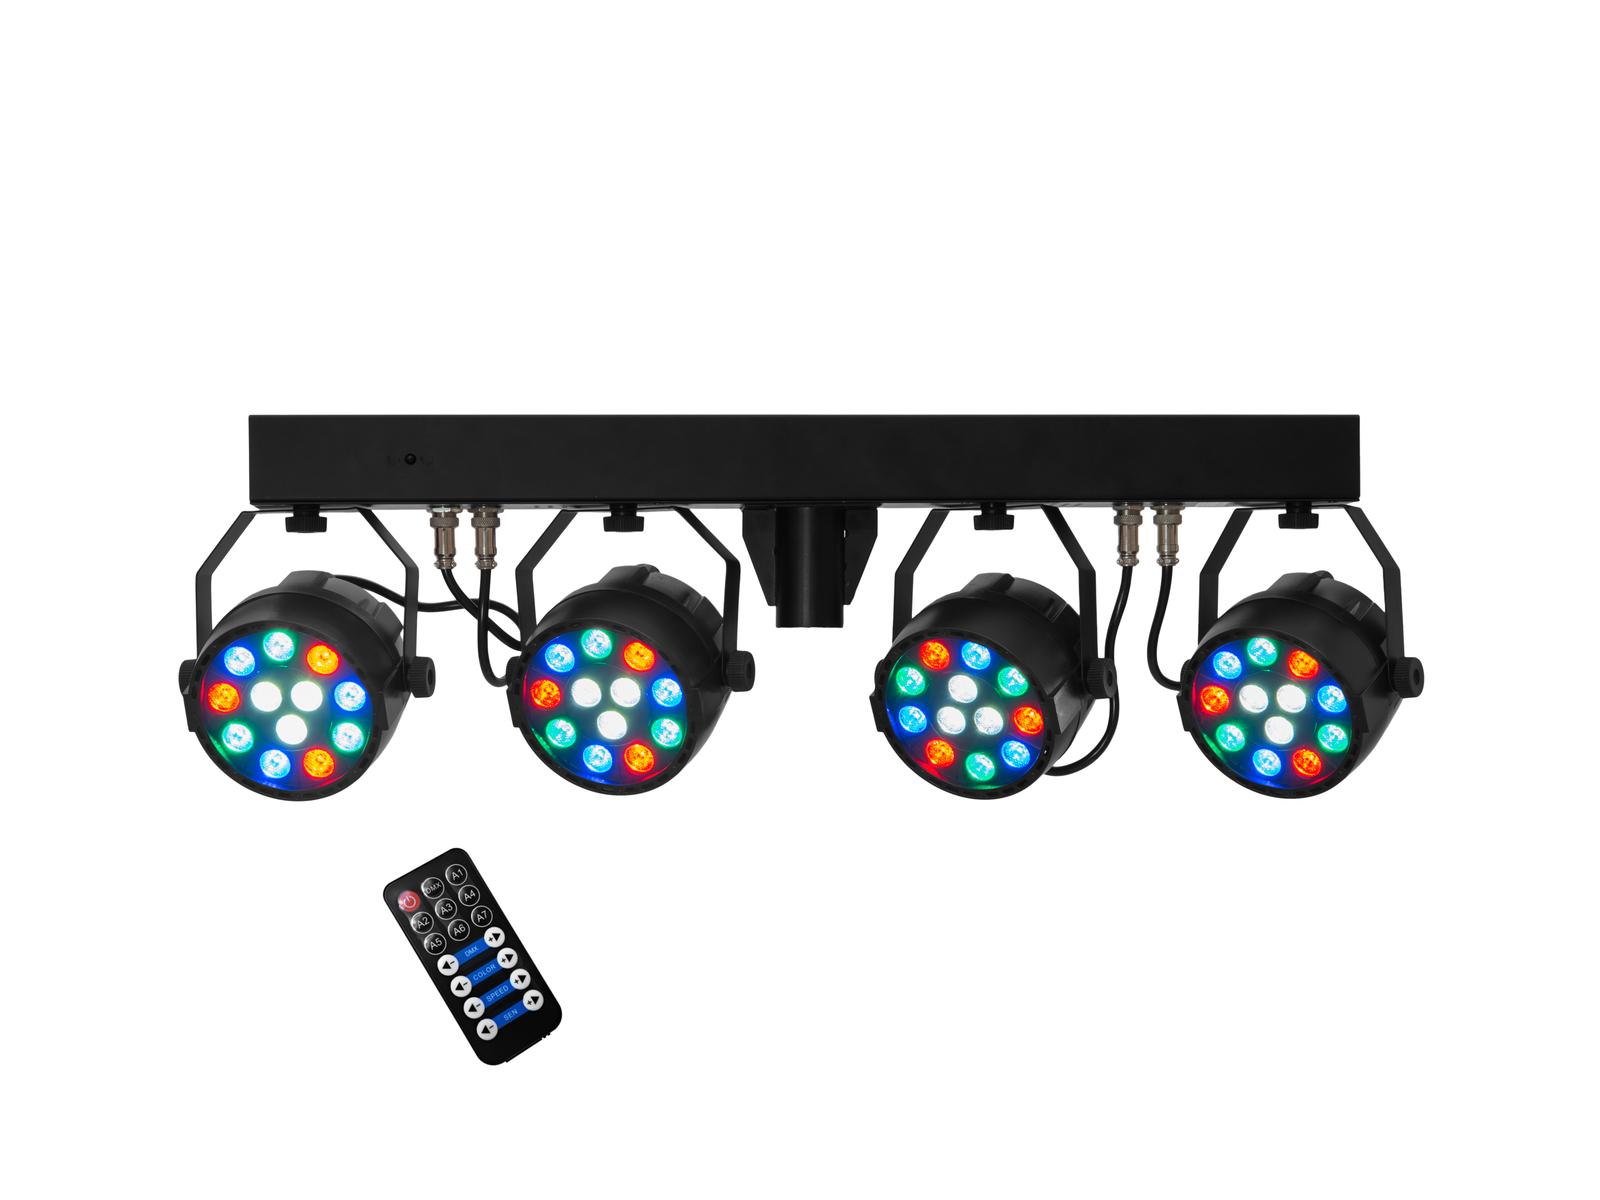 eurolite-led-kls-party-kompakt-lichtset